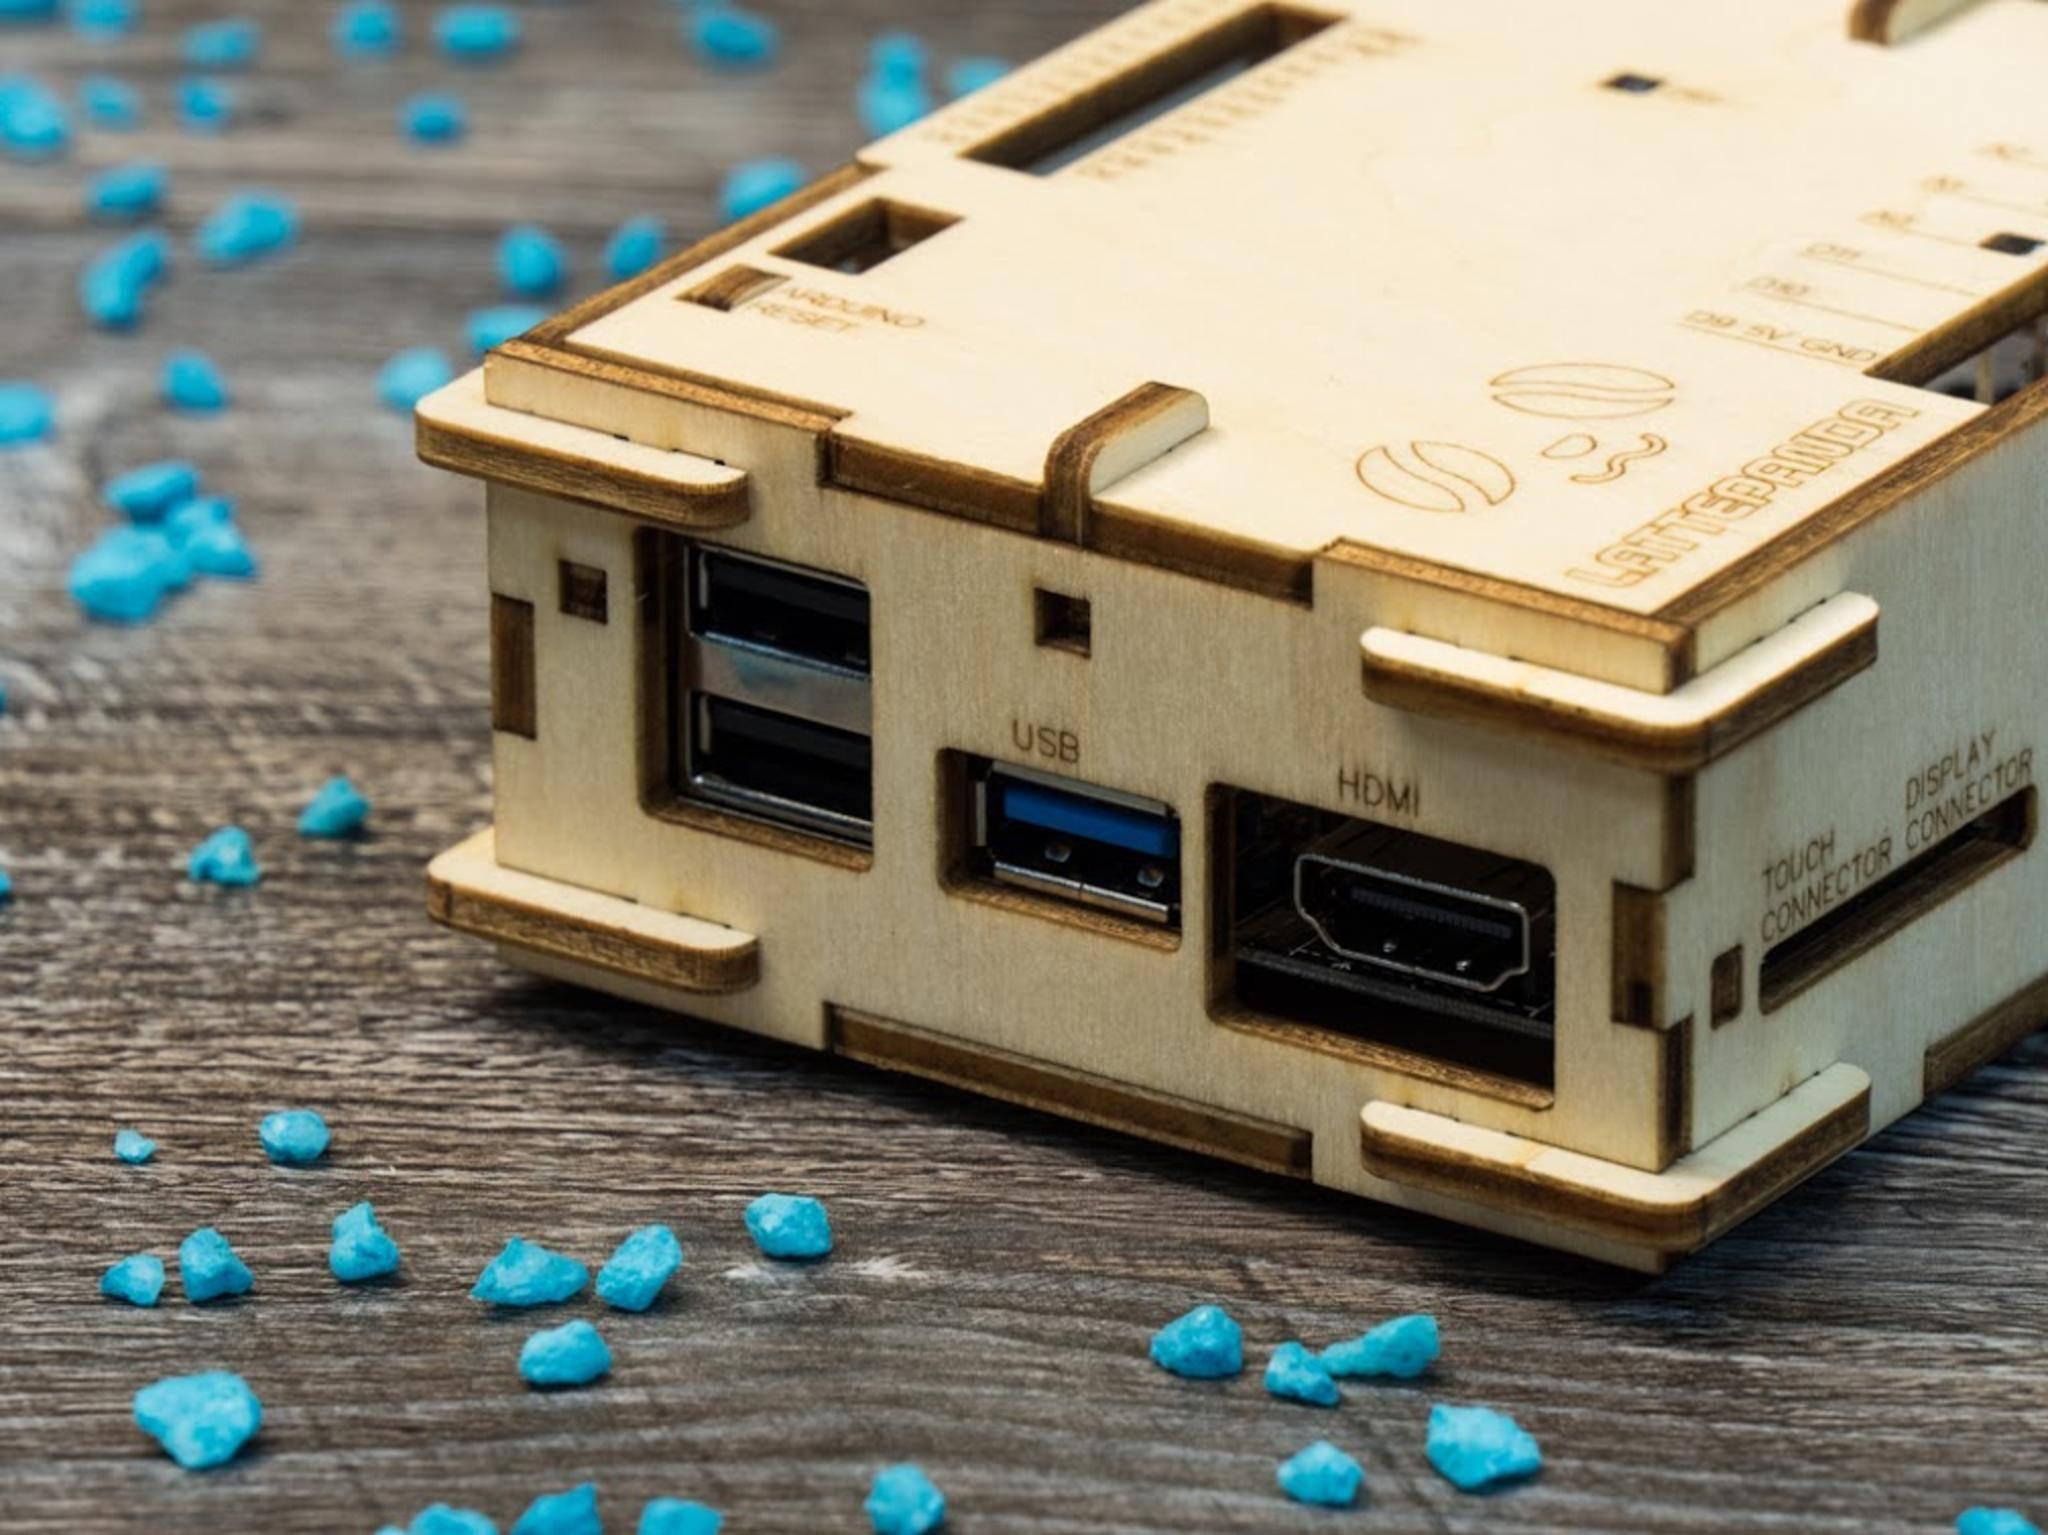 ... die USB-Ports und der HDMI-Zugang.